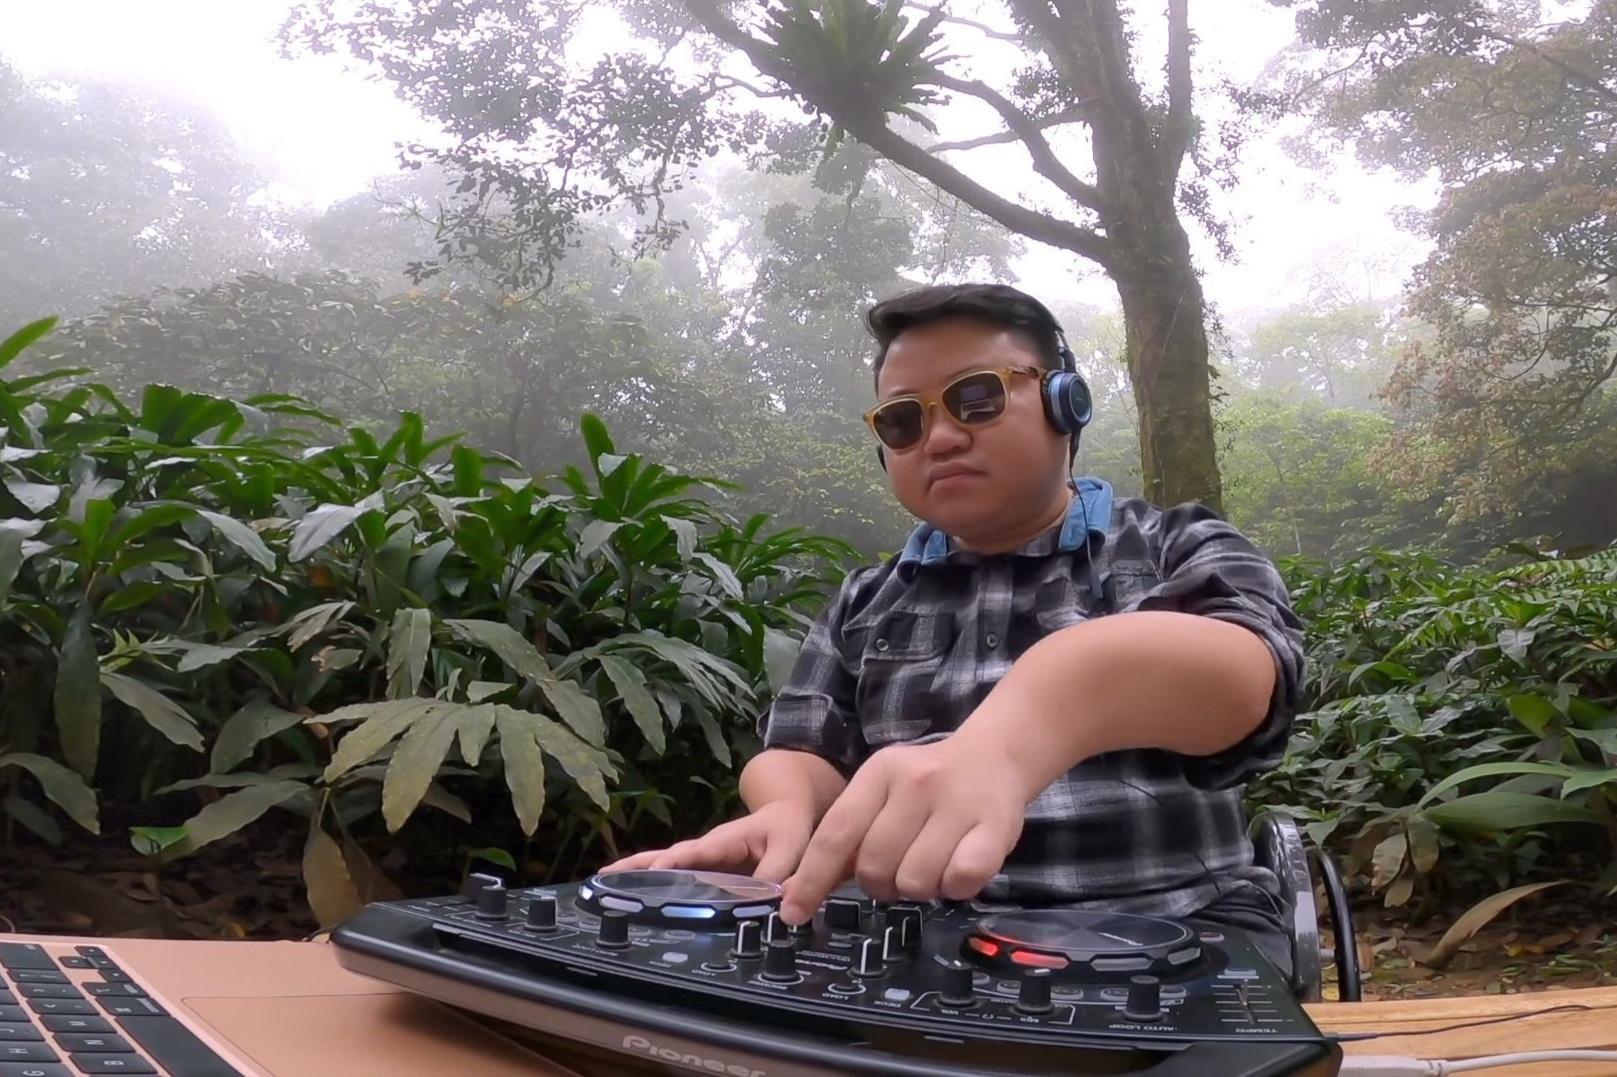 Chàng trai xương dễ vỡ mơ 'quẩy' nhạc khắp Việt Nam Ảnh 2